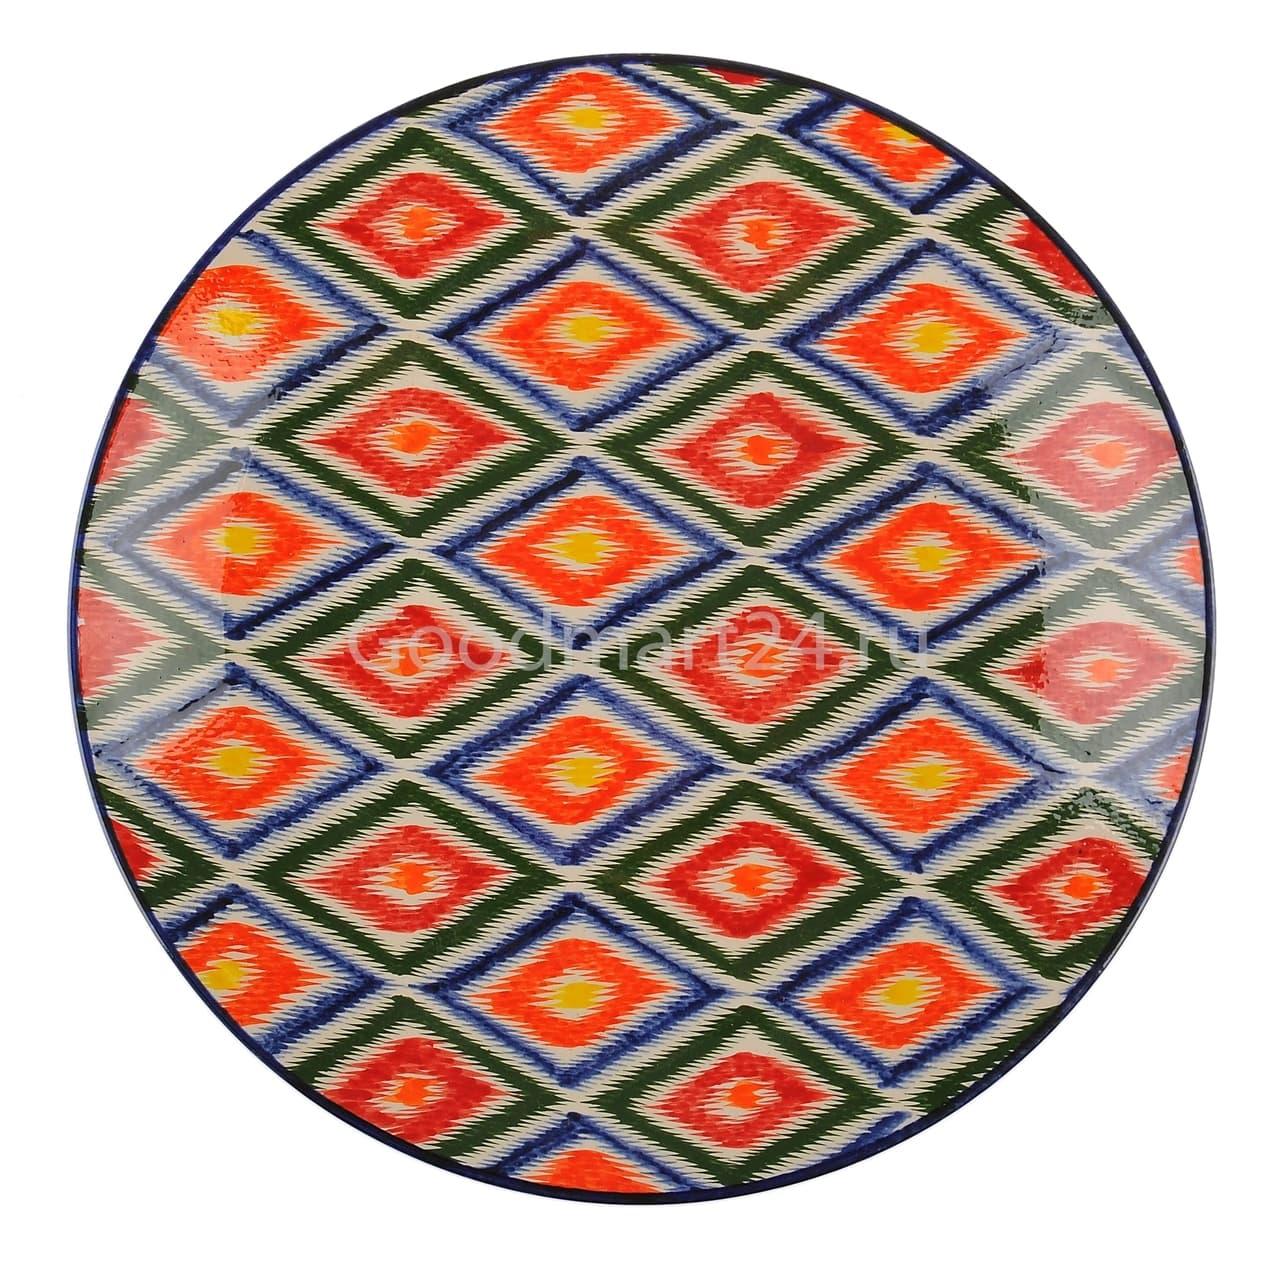 Ляган Риштанская Керамика 42 см. плоский, Атлас - фото 7419